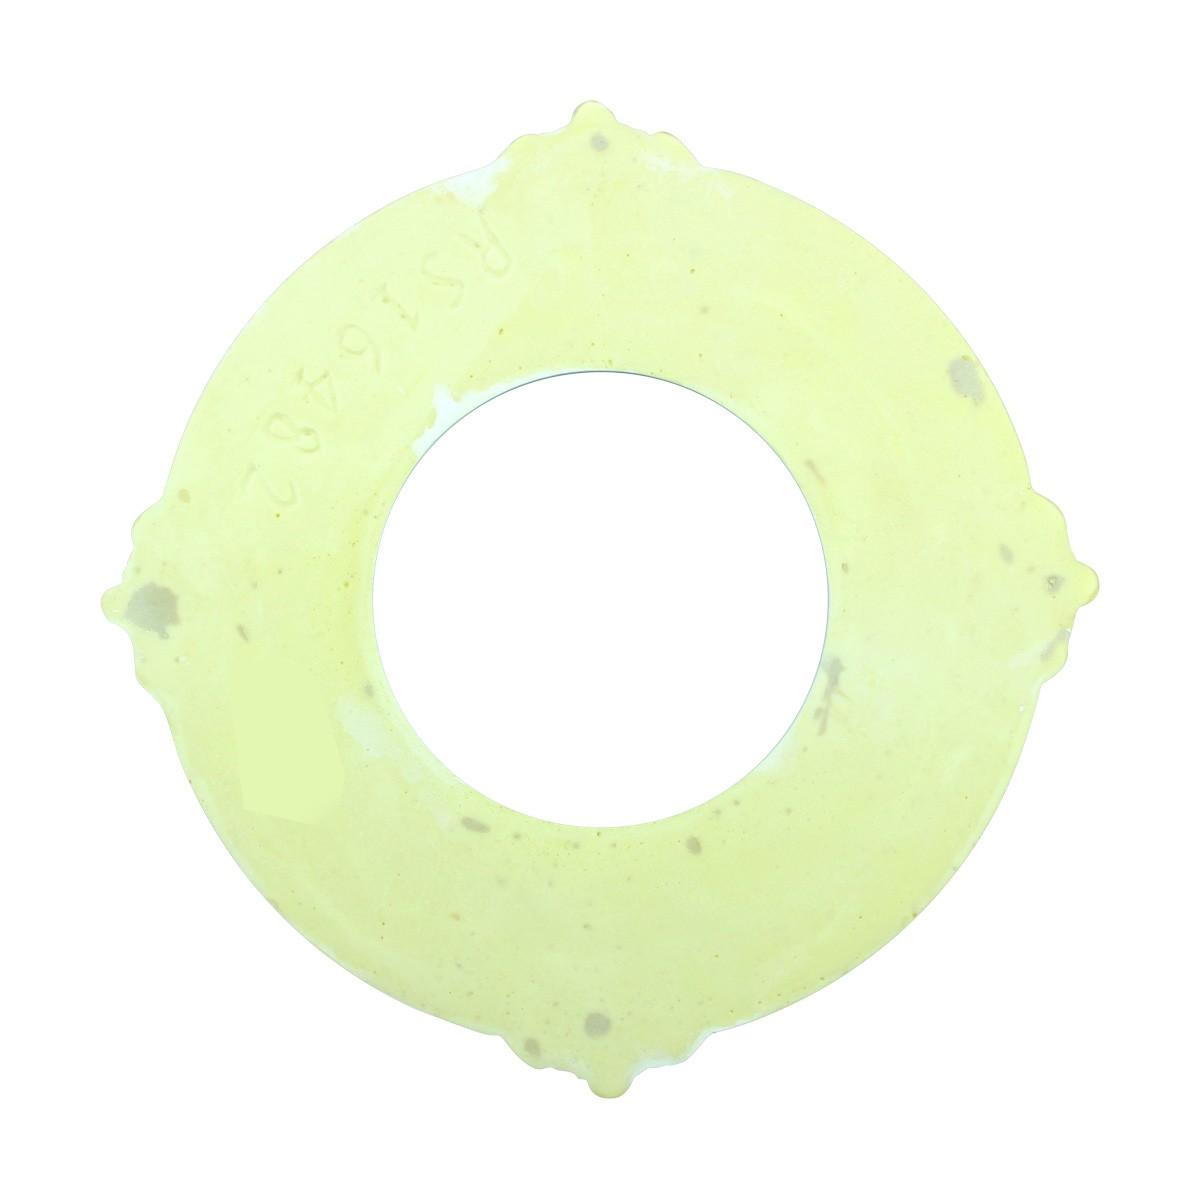 Spotlight Rings White Urethane 4 ID Set of 5 ceiling medallion lighting Ceiling Fixtures Ceiling light fixtures